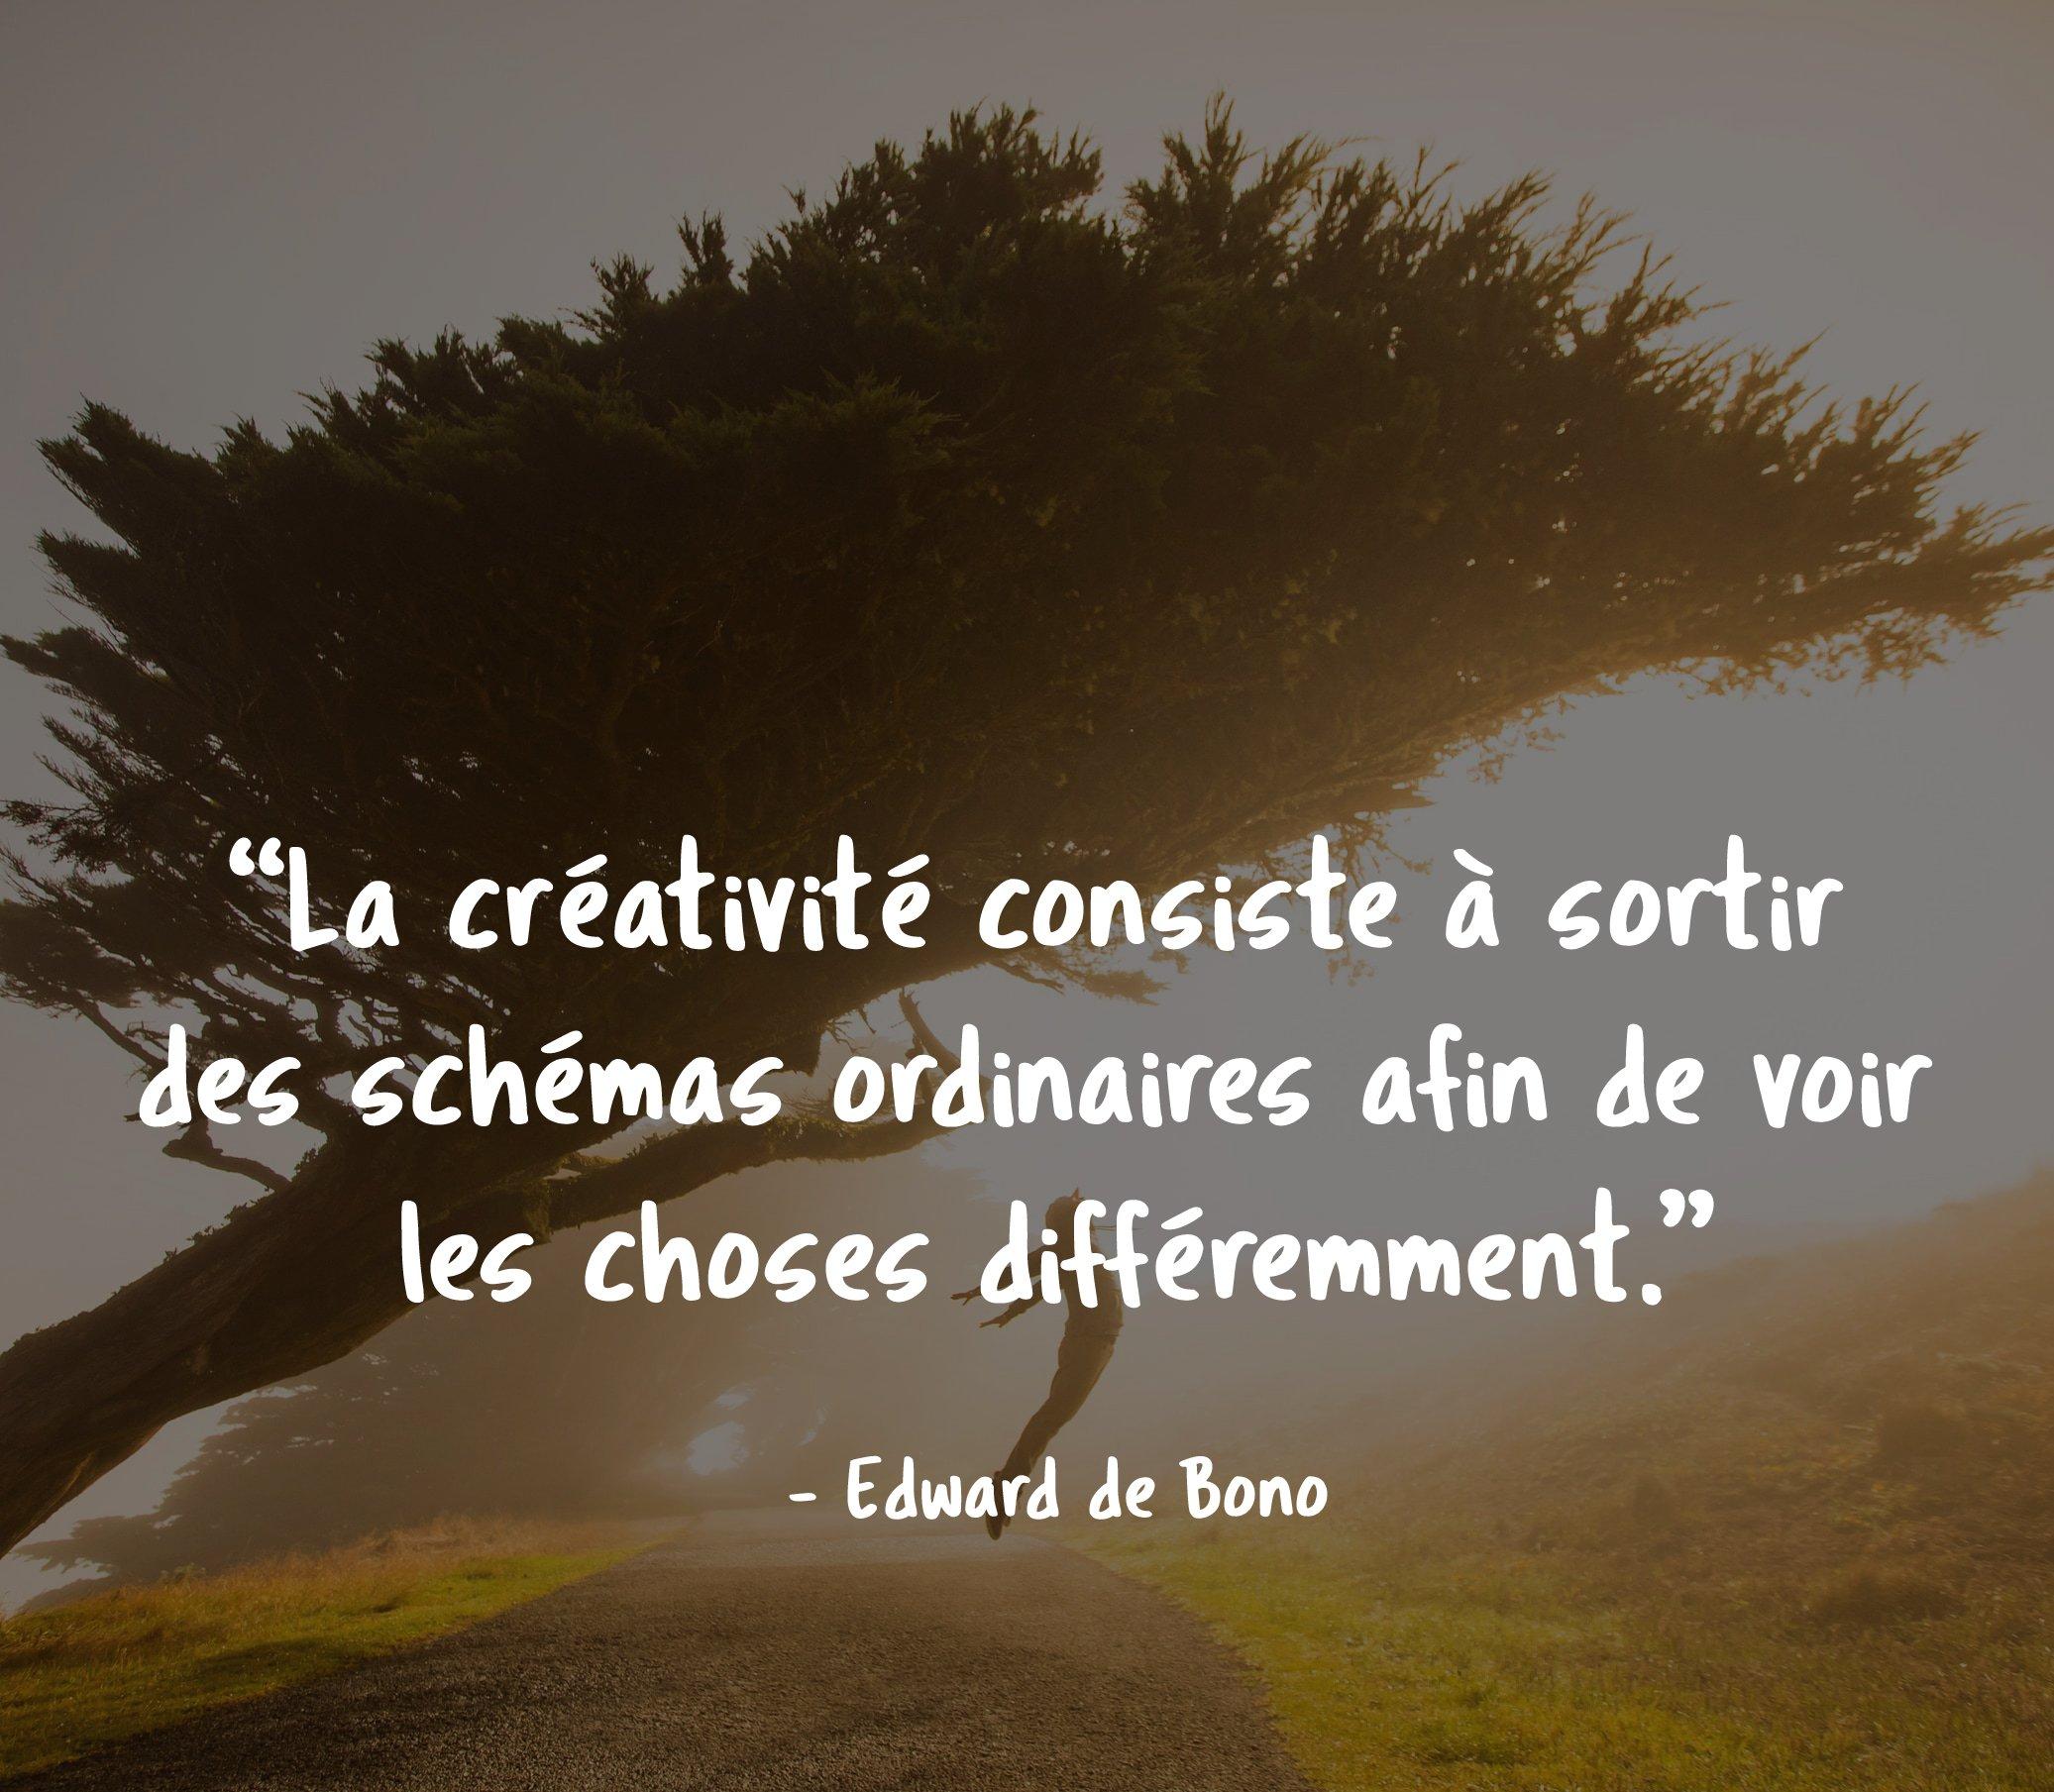 Edward de Bono - Citations inspirantes